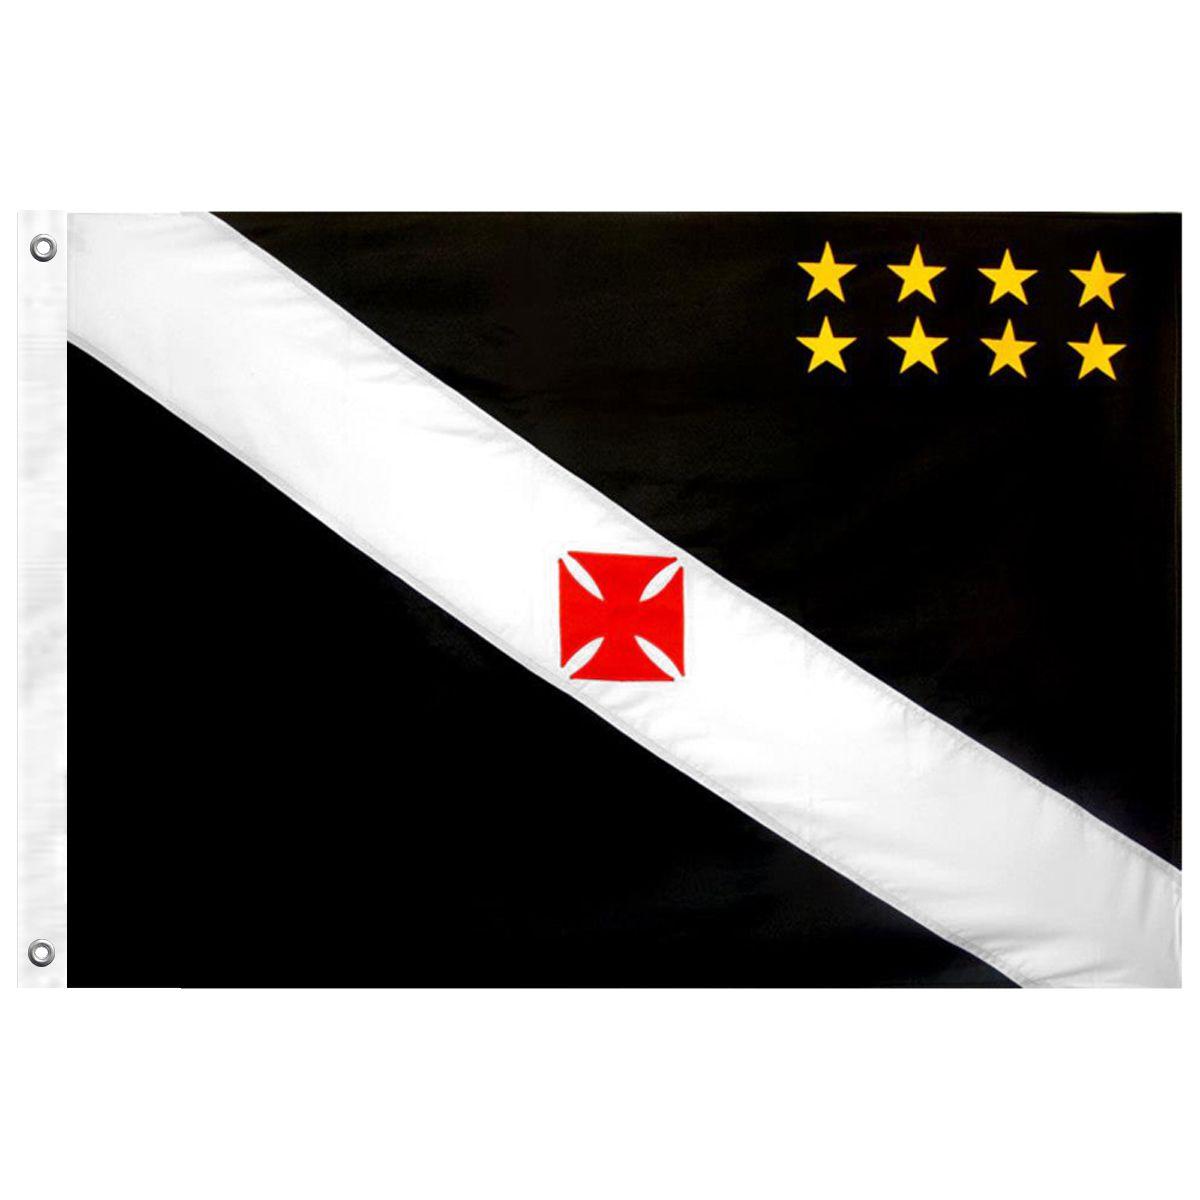 Bandeira Oficial do Vasco da Gama 192 x 135 cm